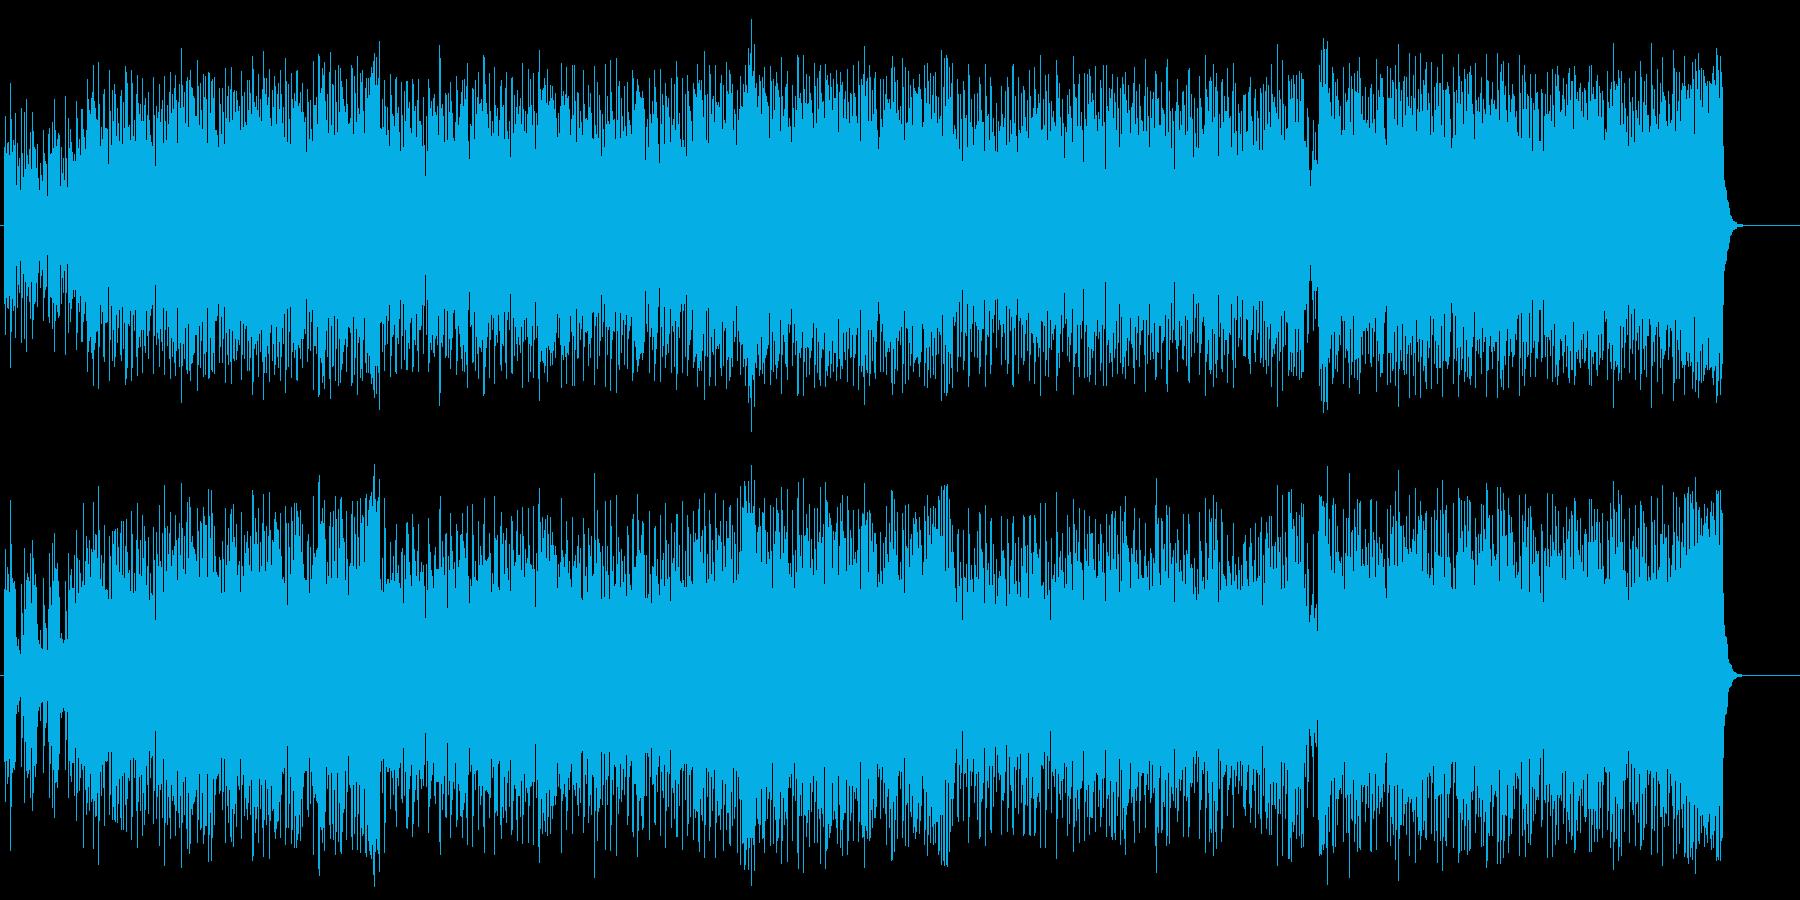 明るい歌謡曲風エレクトリック・ポップスの再生済みの波形